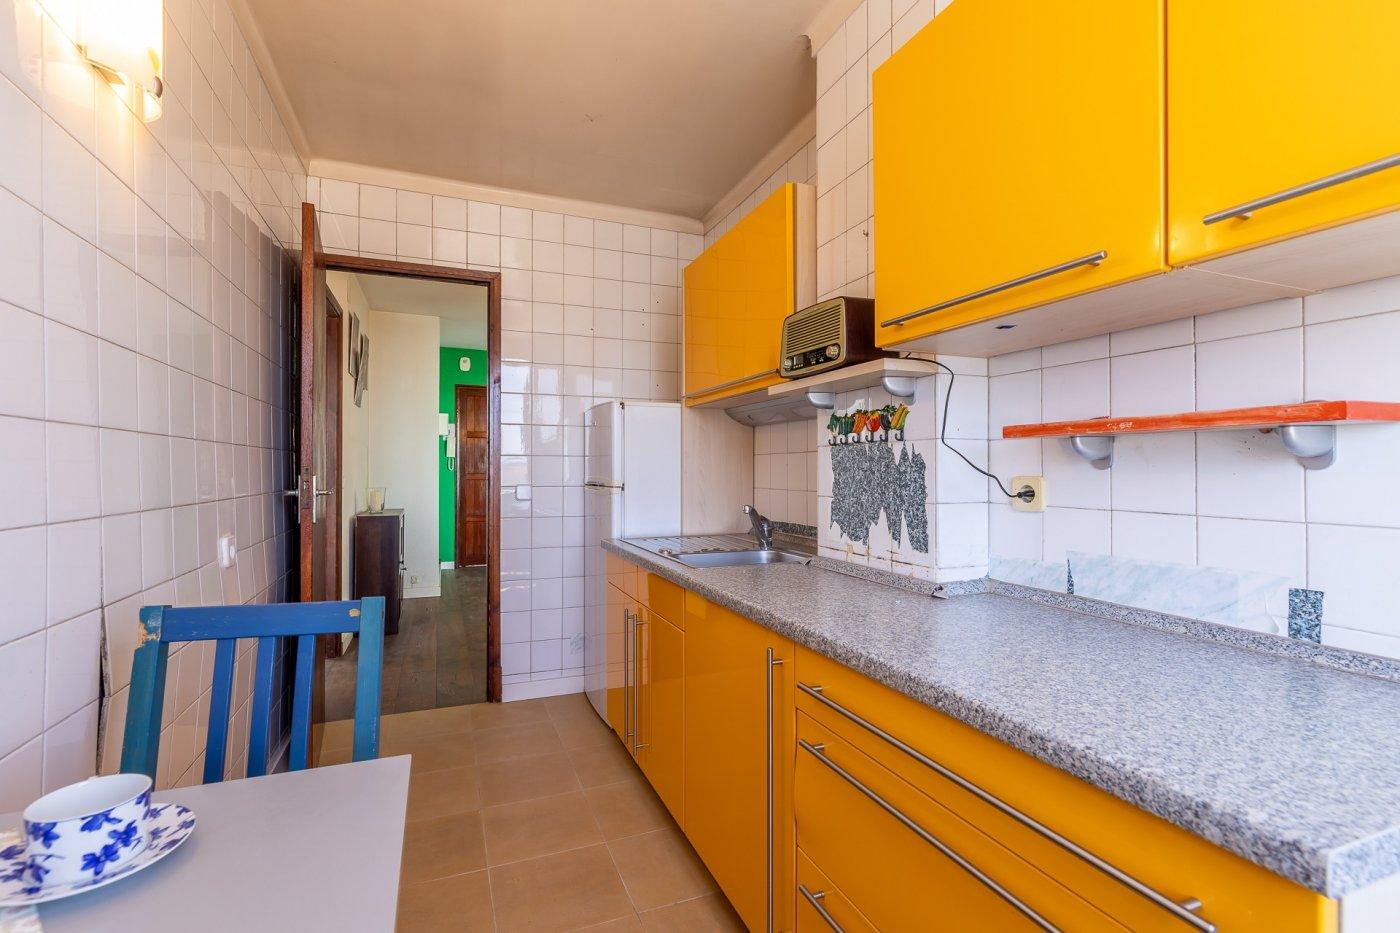 Coqueto apartamento cerca de porto pi, palma - imagenInmueble7